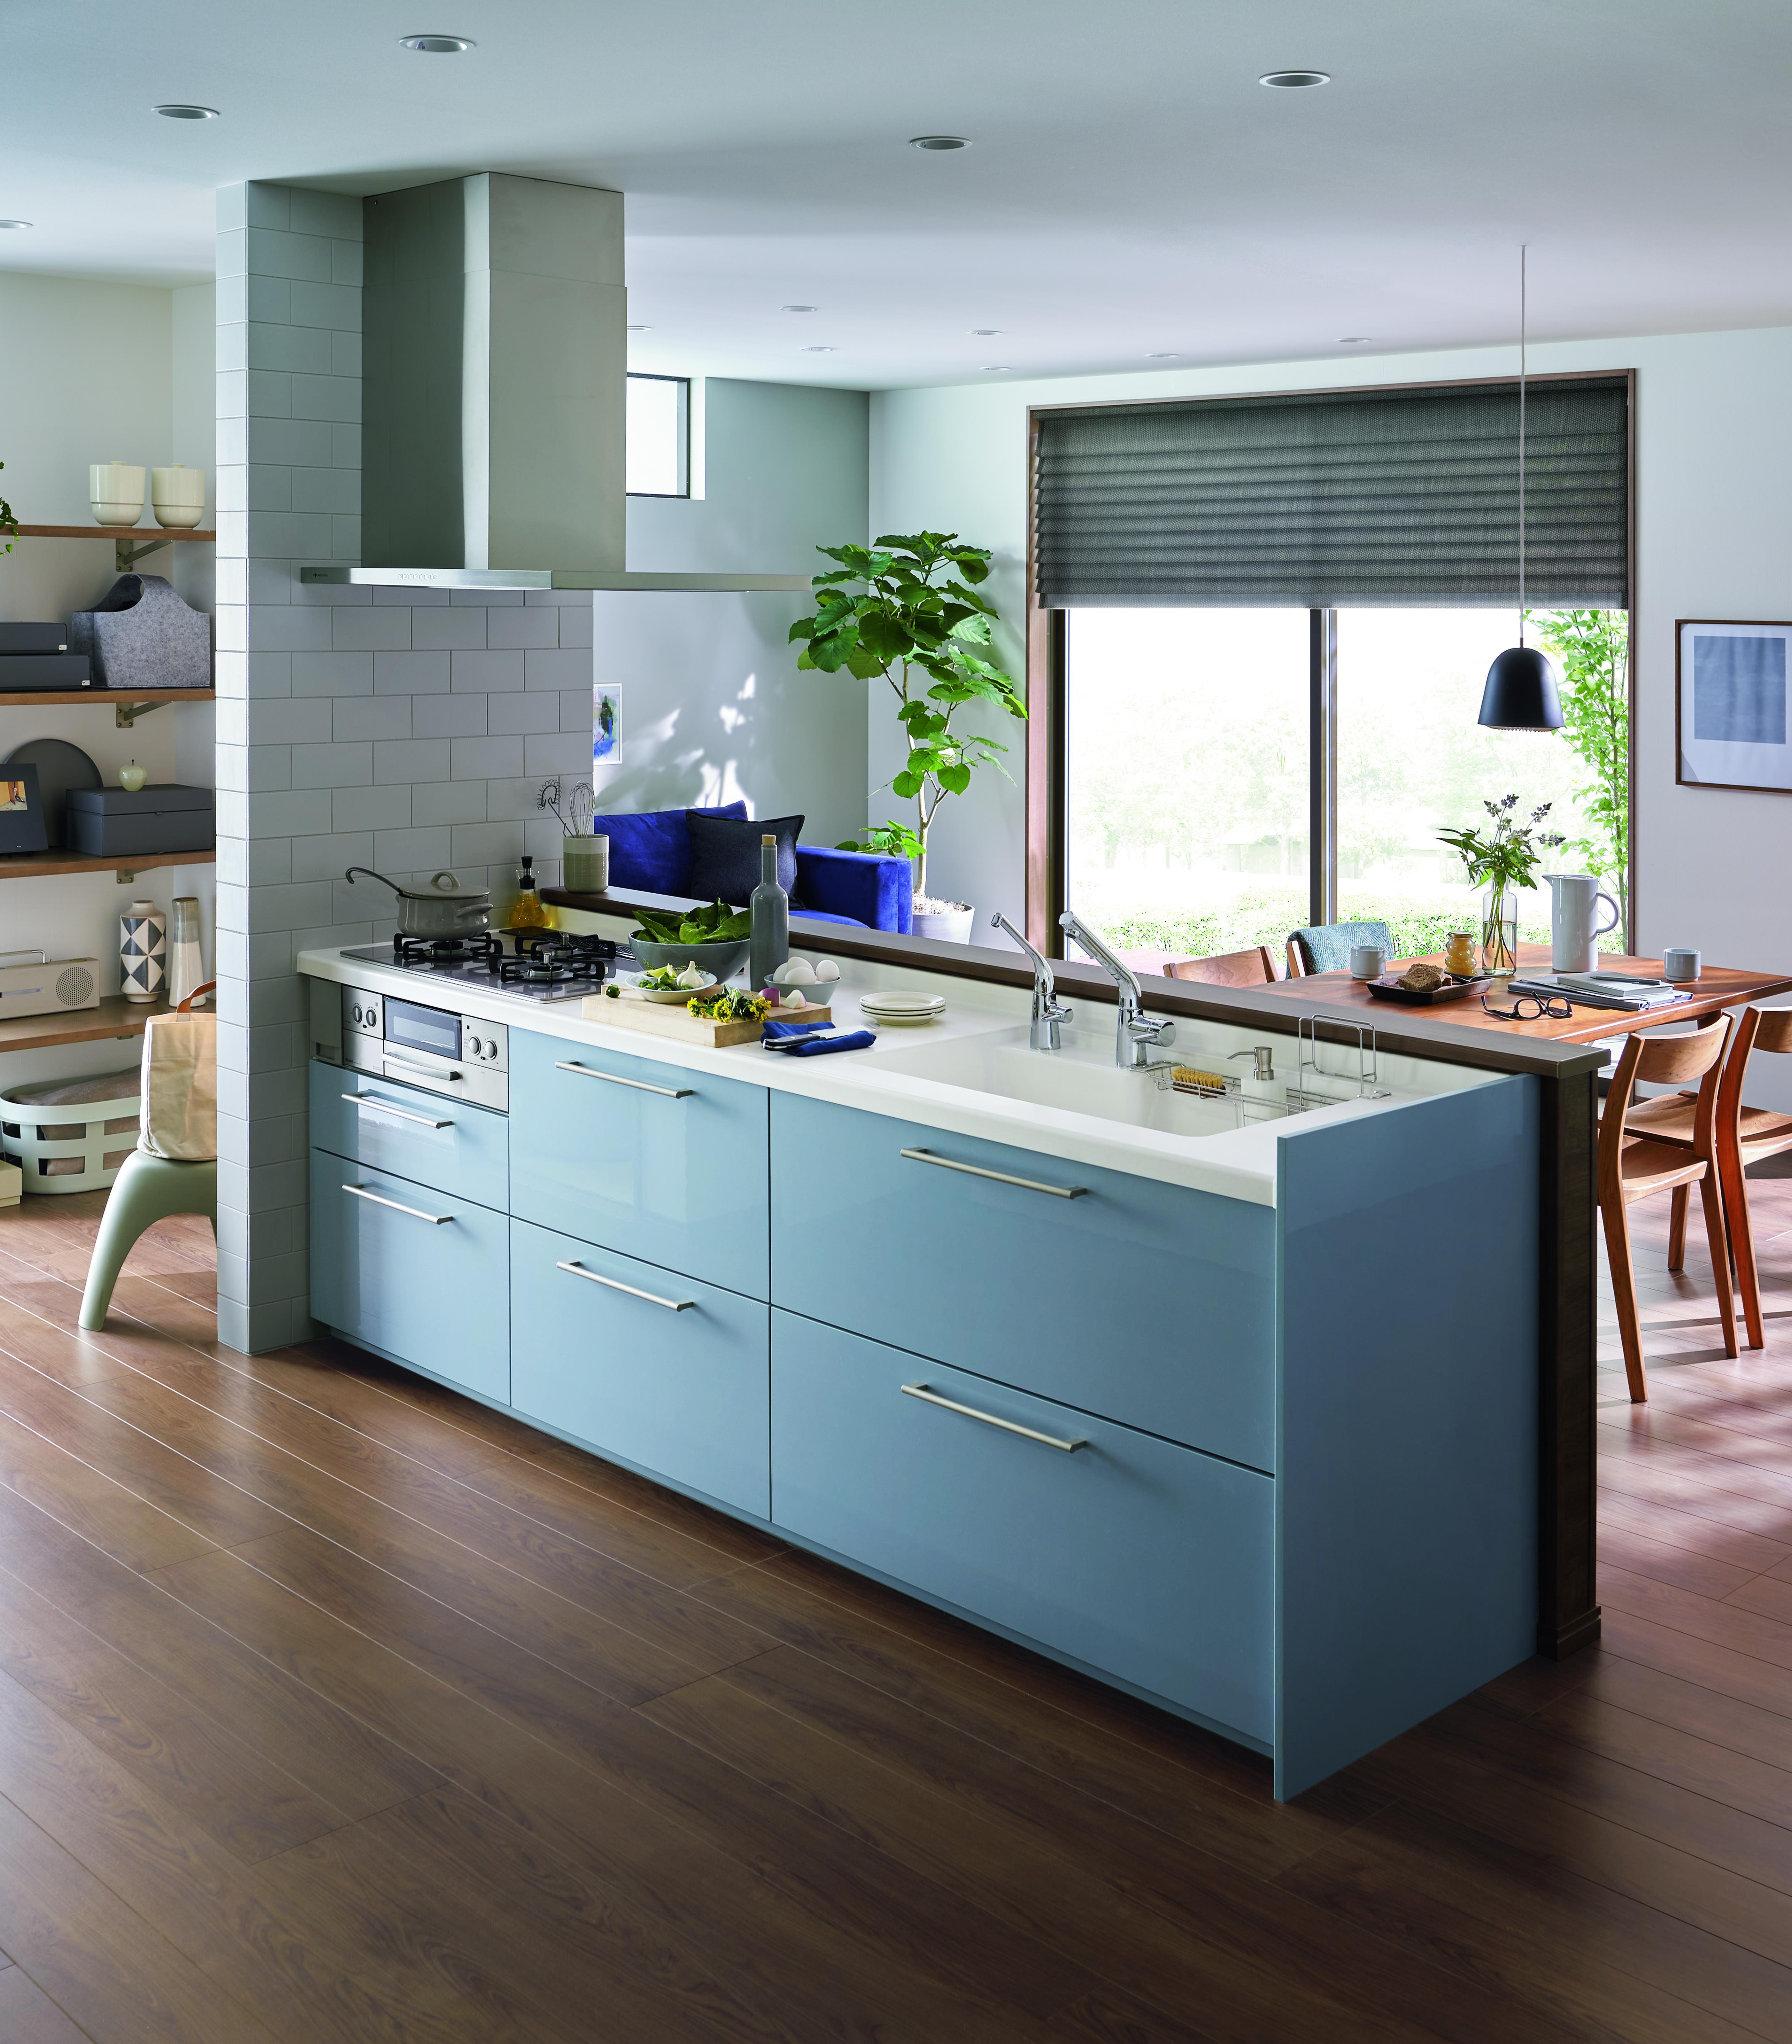 TOTO、システムキッチン「ミッテ」の手入れ性を向上